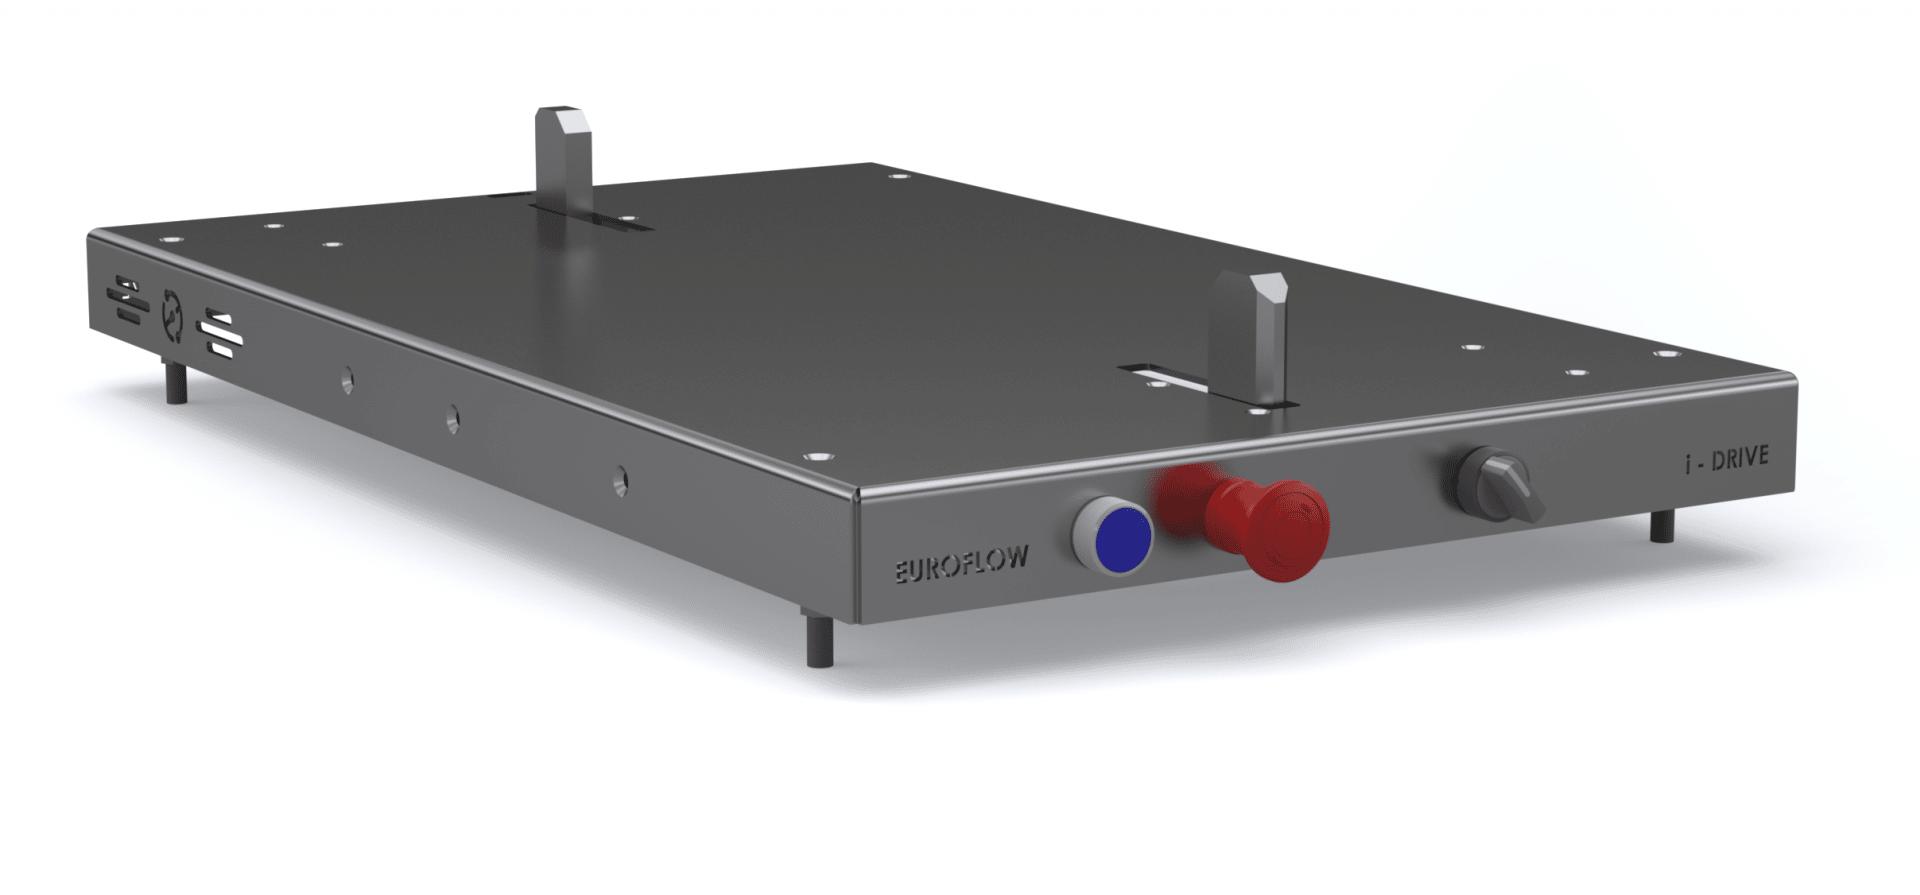 Mobile Industrial Robots - Project   Euroflow Automation Ltd